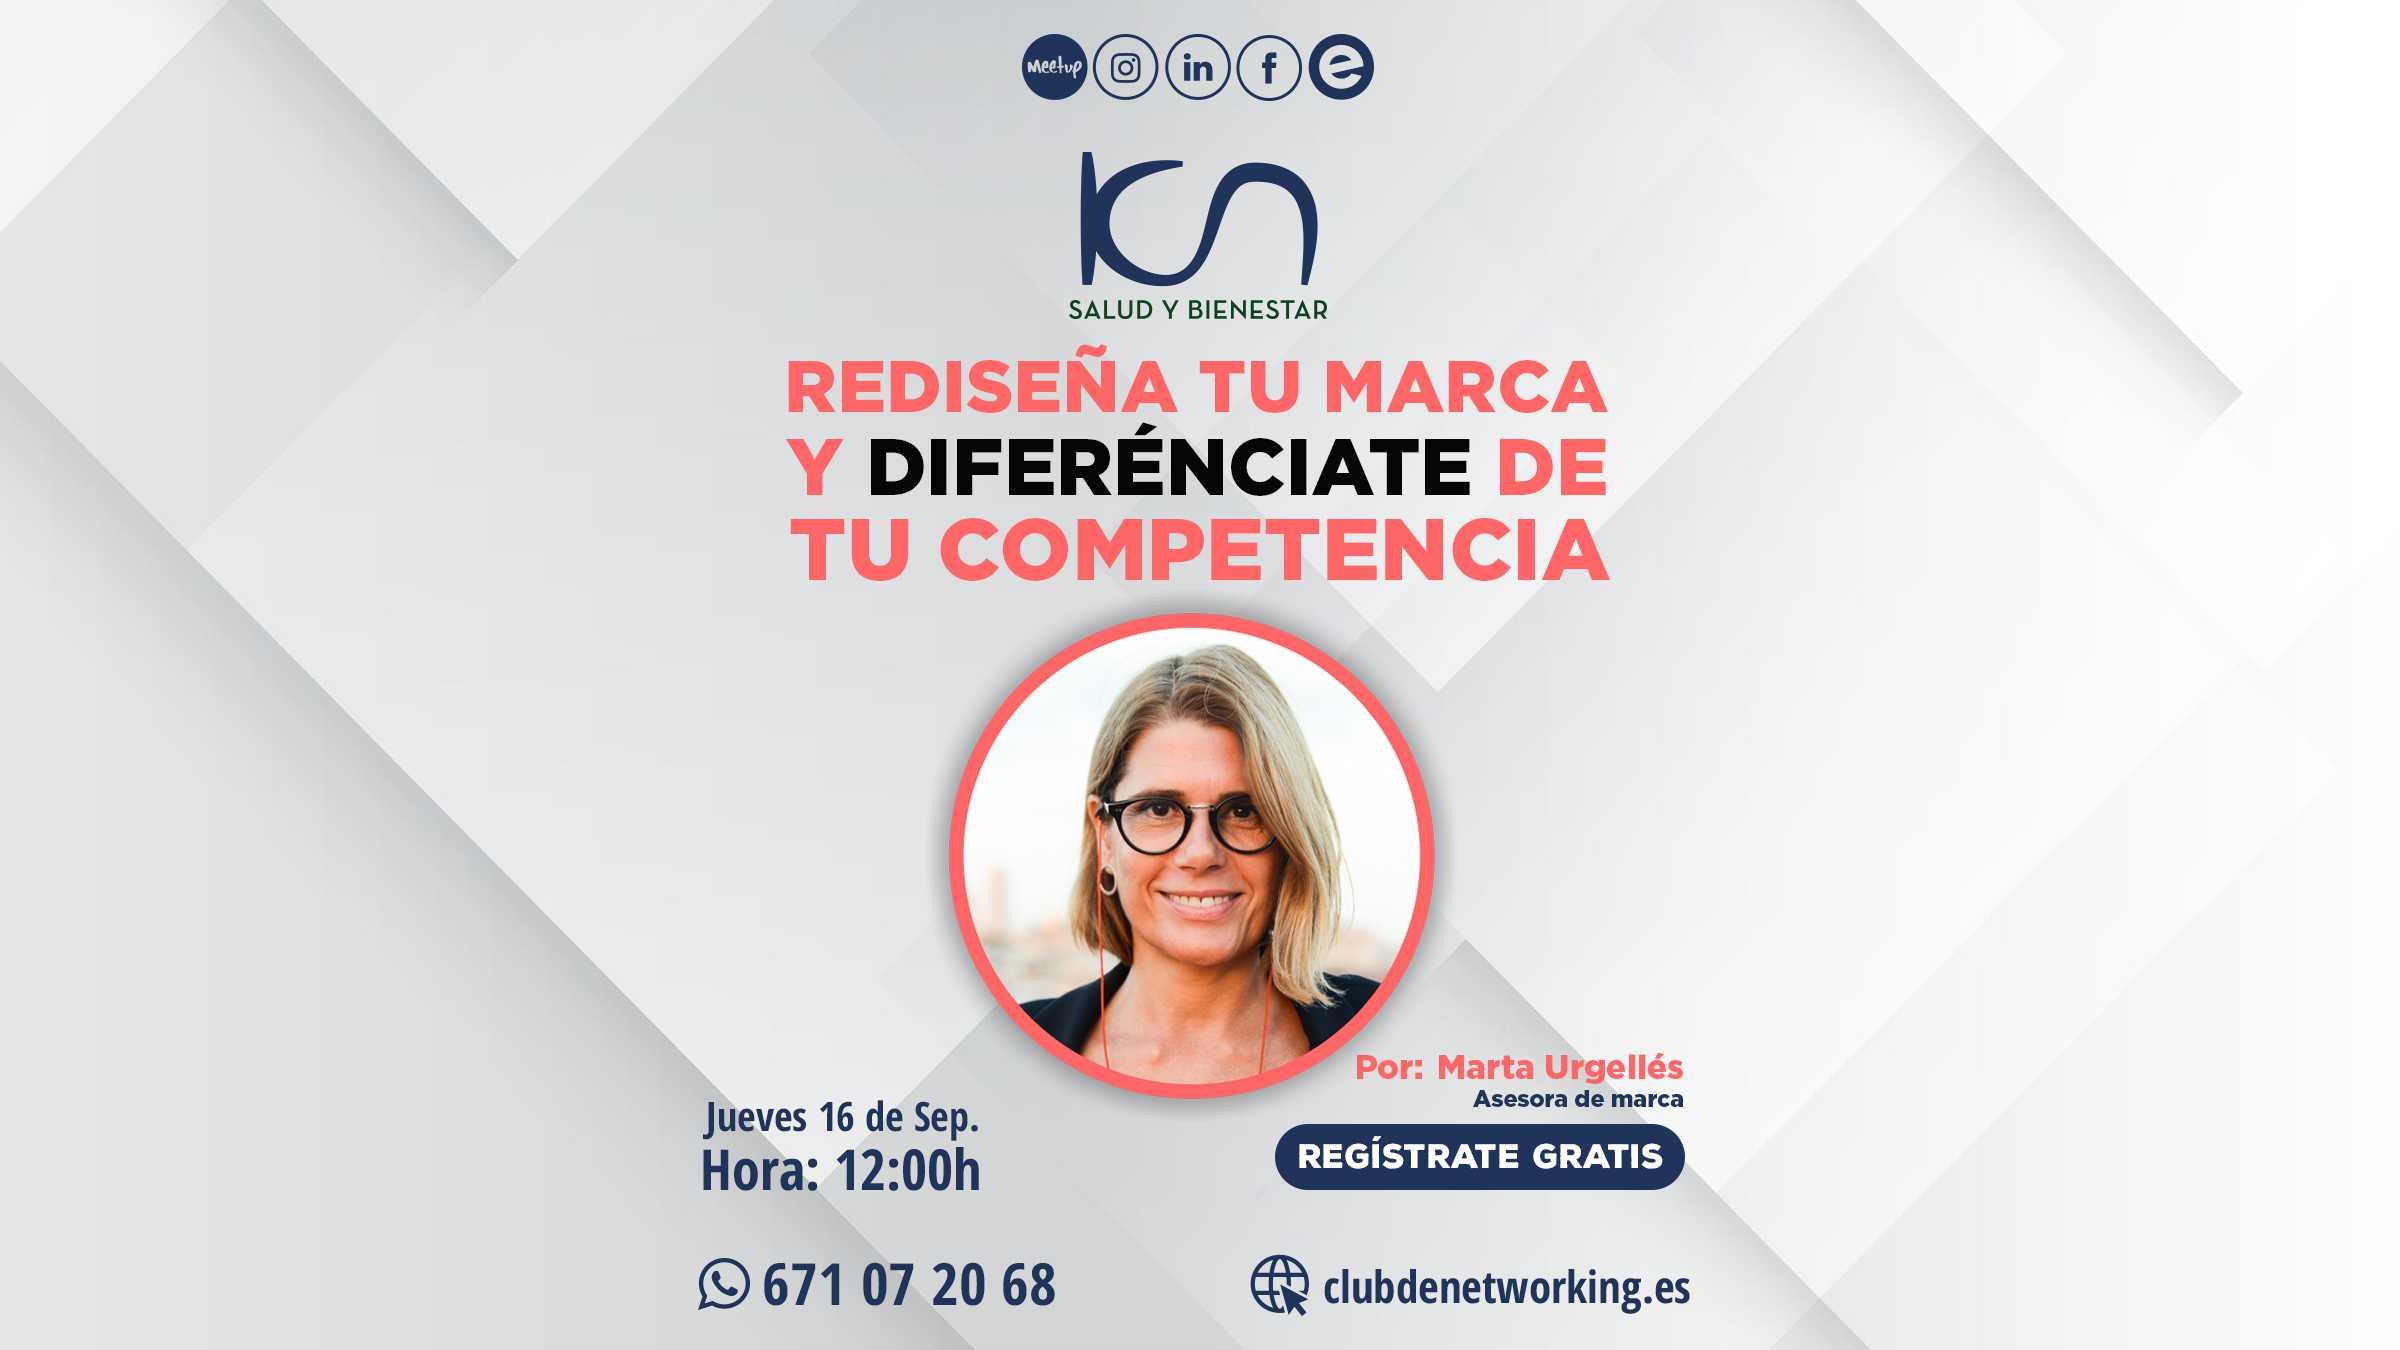 REDISEÑA TU MARCA Y DIFERENCIATE DE TU COMPETENCIA